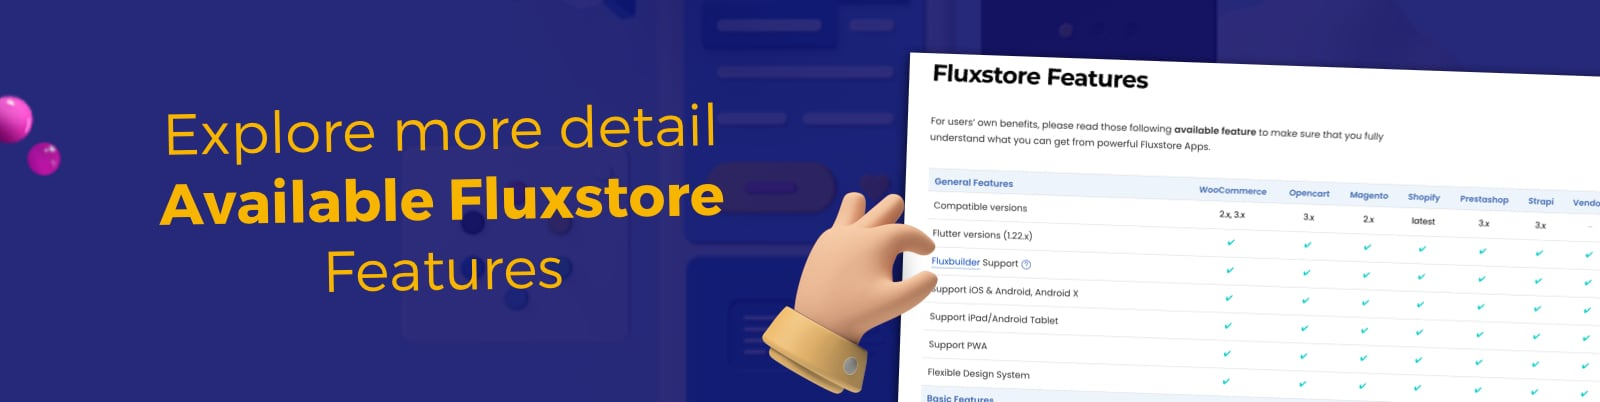 Fluxstore Multi Vendor - Flutter E-commerce Full App - 19